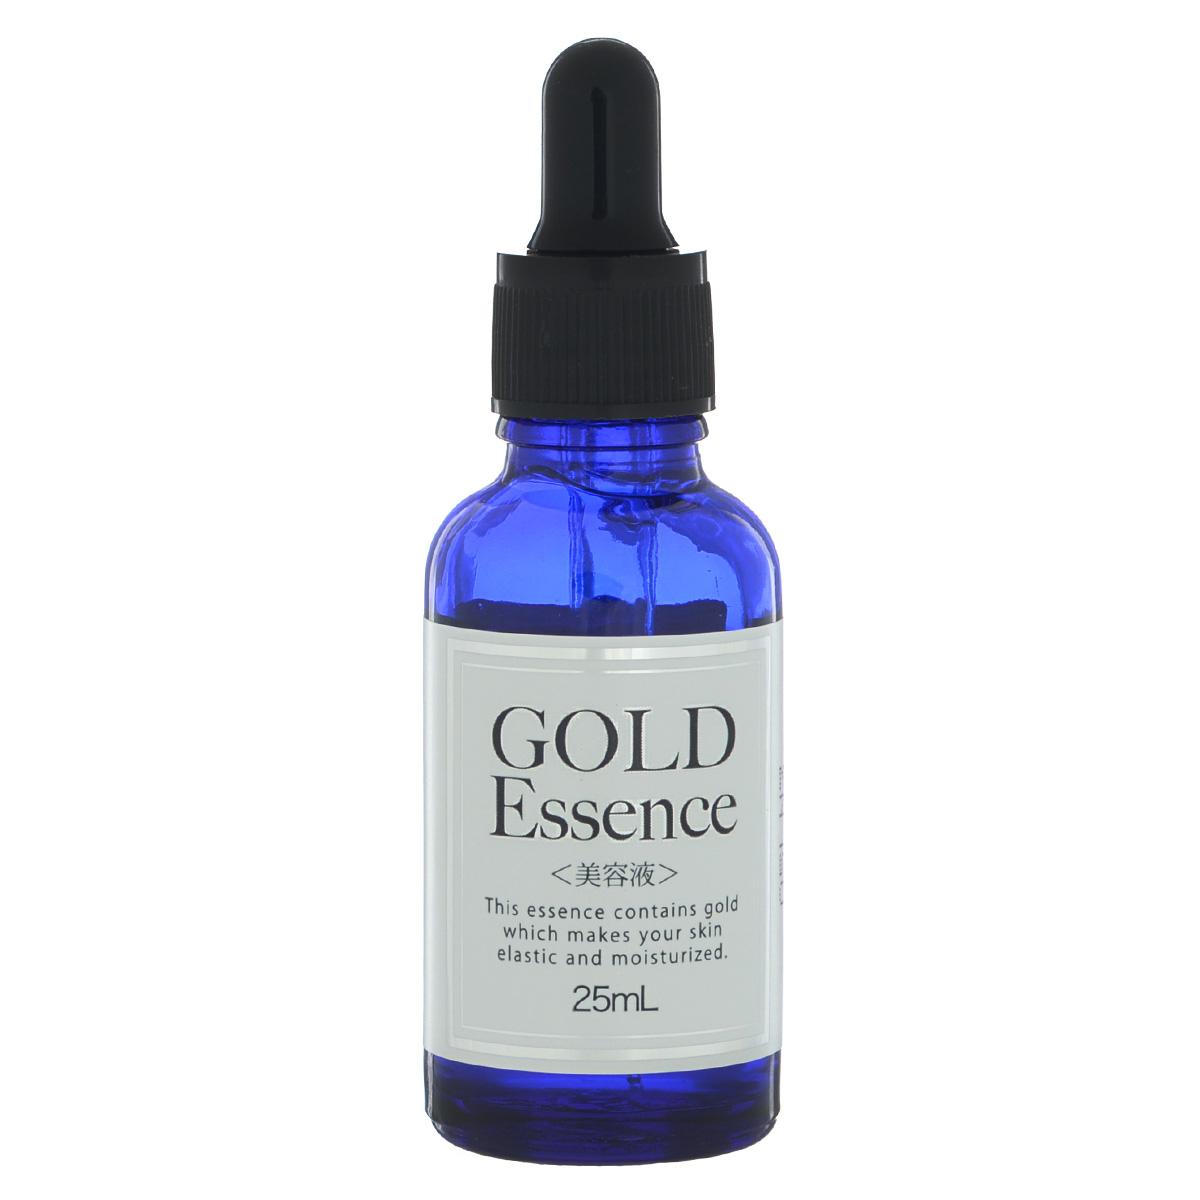 Japan Gals Сыворотка с золотым составом Pure beau essence 25 млFS-00897Золото, являясь лучшим проводником, встраивается между клетками и возобновляет нарушенные обменные процессы в коже. Улучшается клеточное дыхание и поставка питательных веществ в каждую клеточку, выводятся токсины.АрбутинАрбутин блокирует в коже синтез пигмента меланина, отбеливает пигментные пятна,борется с нежелательной пигментацией и смягчает кожу.Витамин СВосстанавливает кожу от повреждений, вызванных ультрафиолетовыми лучами,интенсивно стимулирует процессы обновления и омоложения в коже: выравнивает цвет лица,усиливает синтез коллагена, повышает защитные функции кожи.Гиалуроновая кислотаБлагодаря гиалуроновой кислоте кожа удерживает влагу, восстанавливая упругость.Эффект: подтягивает кожу и оказывает омолаживающее действие.СПОСОБ ПРИМЕНЕНИЯ: Сыворотка наносится на чистое лицо, после умывания. С помощью пипетки выдавите необходимое количество сыворотки на руки (2-3 пипетки на одно применение) и нанесите на лицо по массажным линиям, слегка вбивая подушечками пальцев.Предупреждение: при выраженной несовместимости, прекратите использование. При появлении на коже красных пятен, опухания, зуда, раздражения прекратить использования и проконсультироваться с врачом.После открытия упаковки использовать в течение 60 дней.Хранение: хранить в прохладном и темном месте при температуре не выше 25 градусов.Состав: Вода, бутилен гликоль, DPG, гиалуроновая кислота, а-арубутин, золото , аскорбил фосфат Mg, гидроксиэтилцеллюлоза, ксантановая камедь, каприлилгликоль, феноксиэтанол, лимонная кислота Na, лимонная кислота.